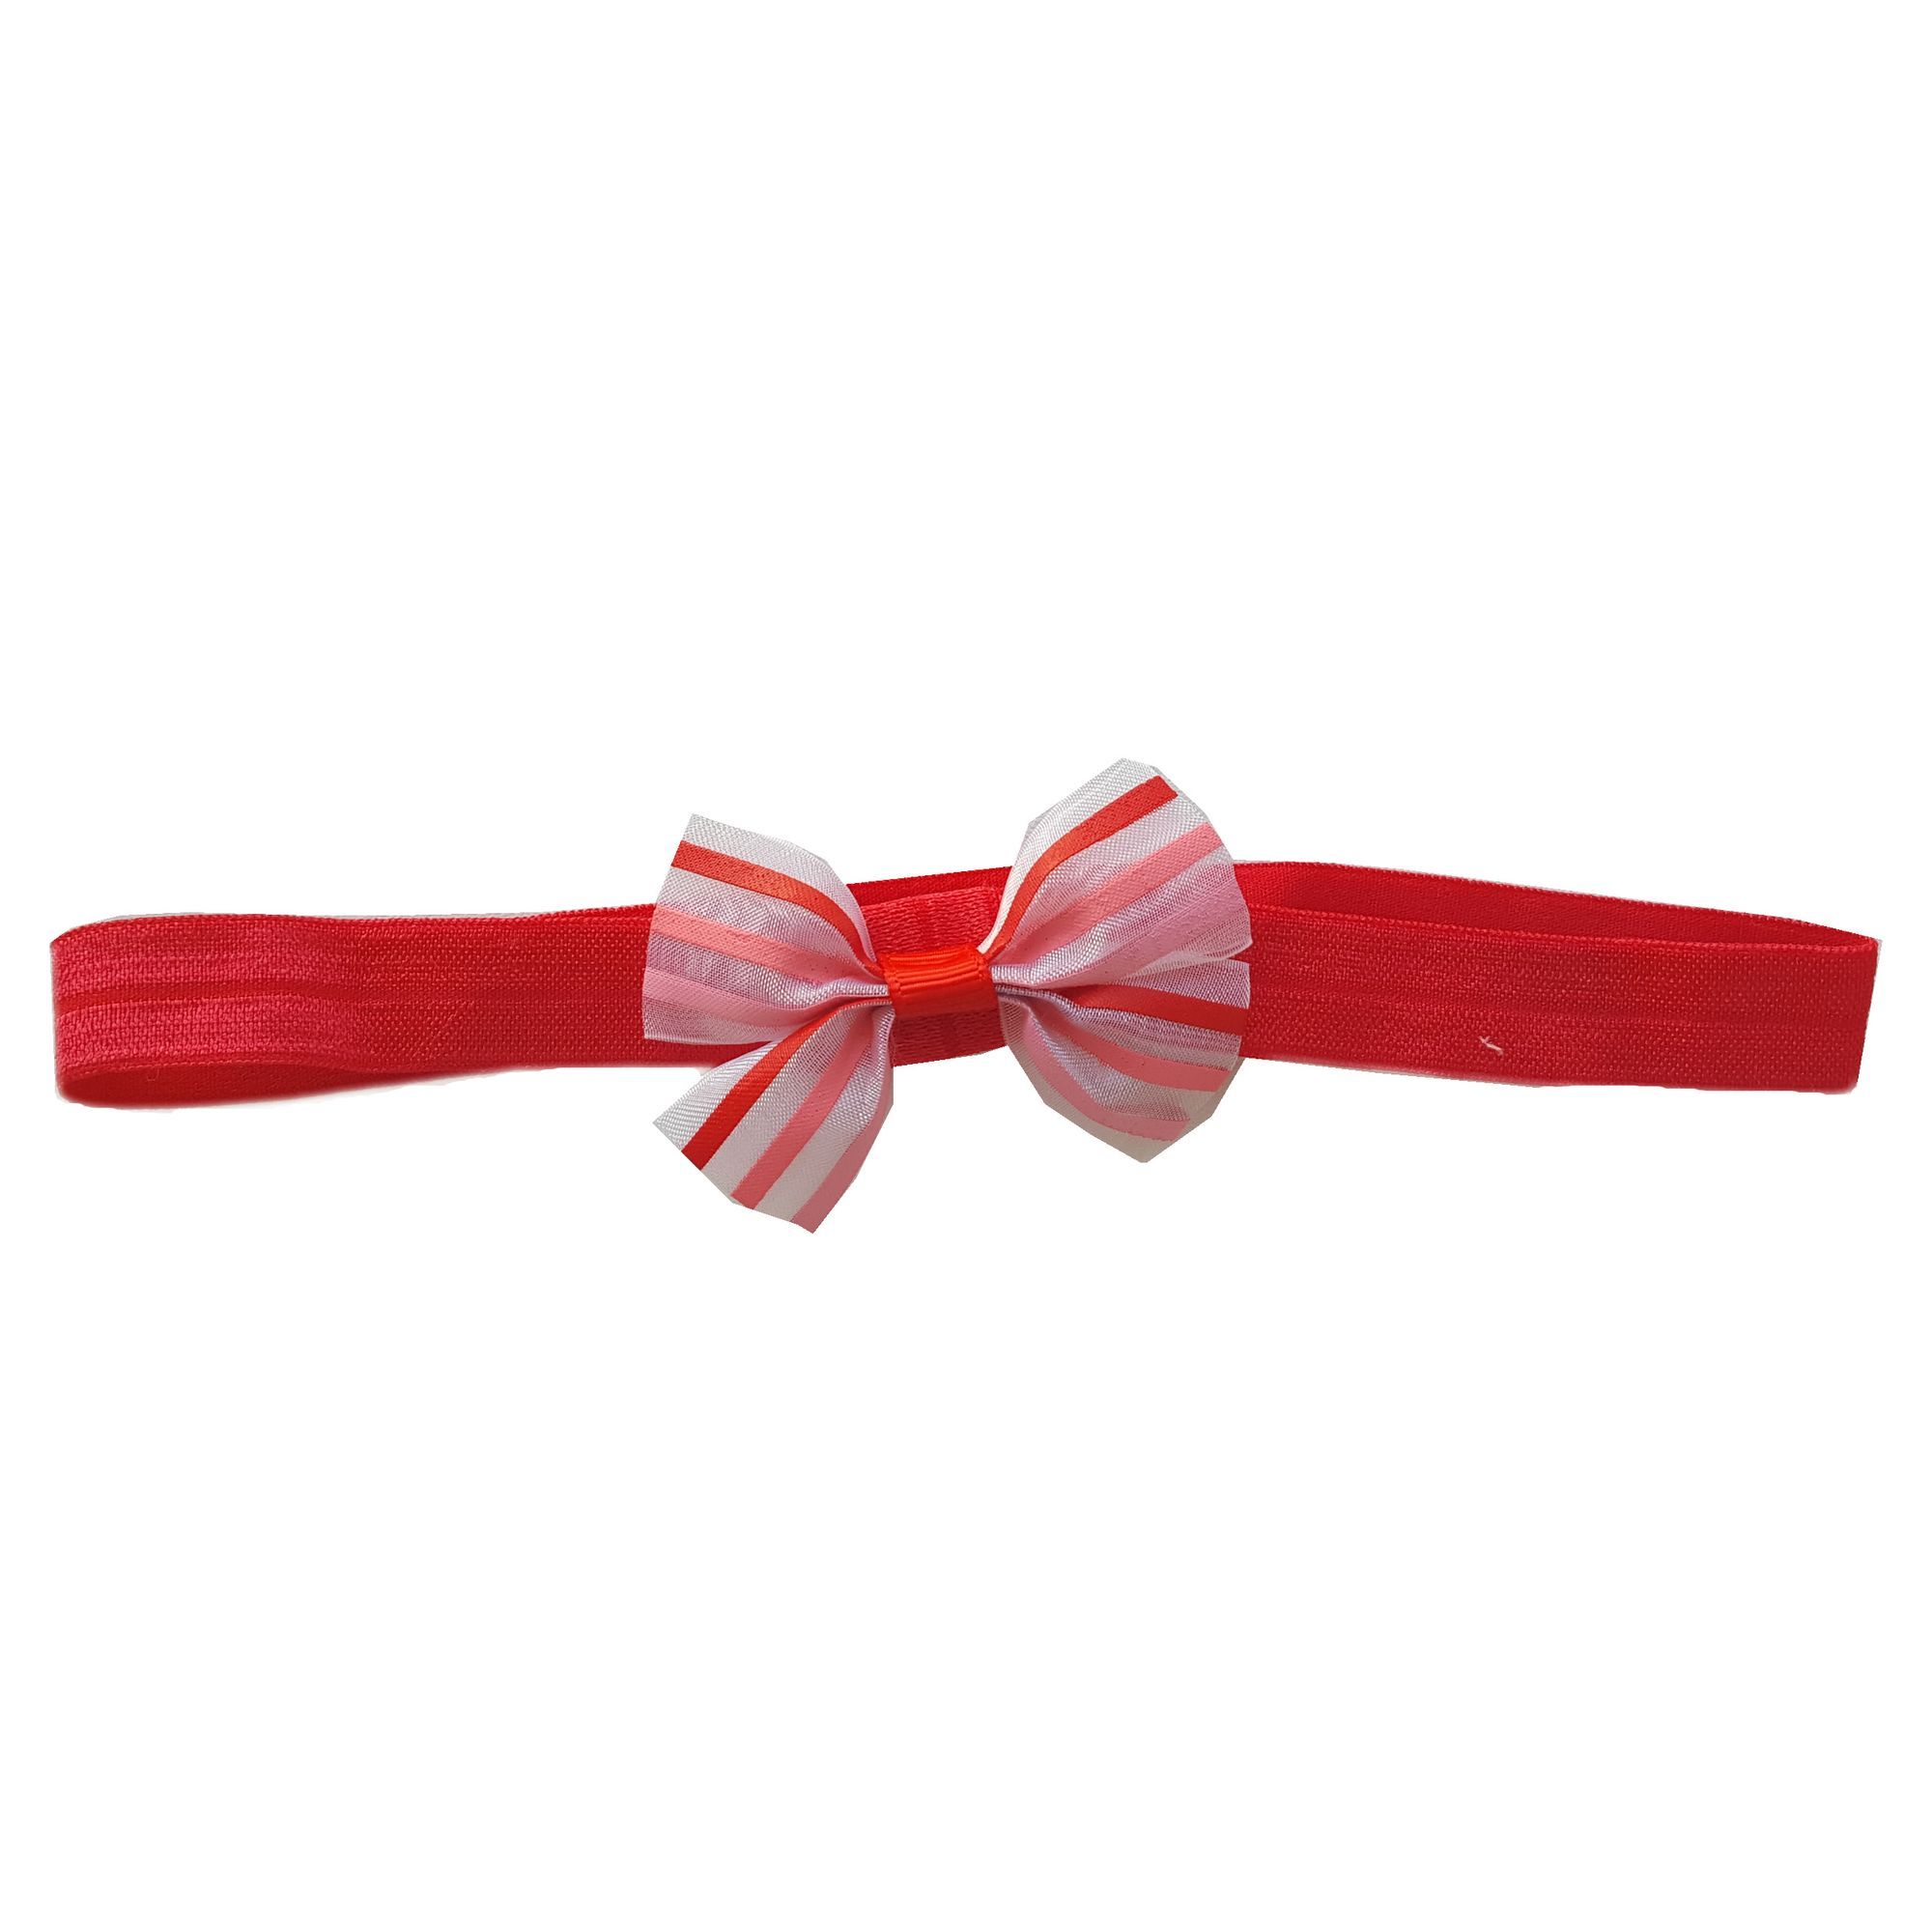 faixa-para-cabelo-infantil-listras-cetim-vermelho-lacos-da-sorte-loja-ecameleca-kids